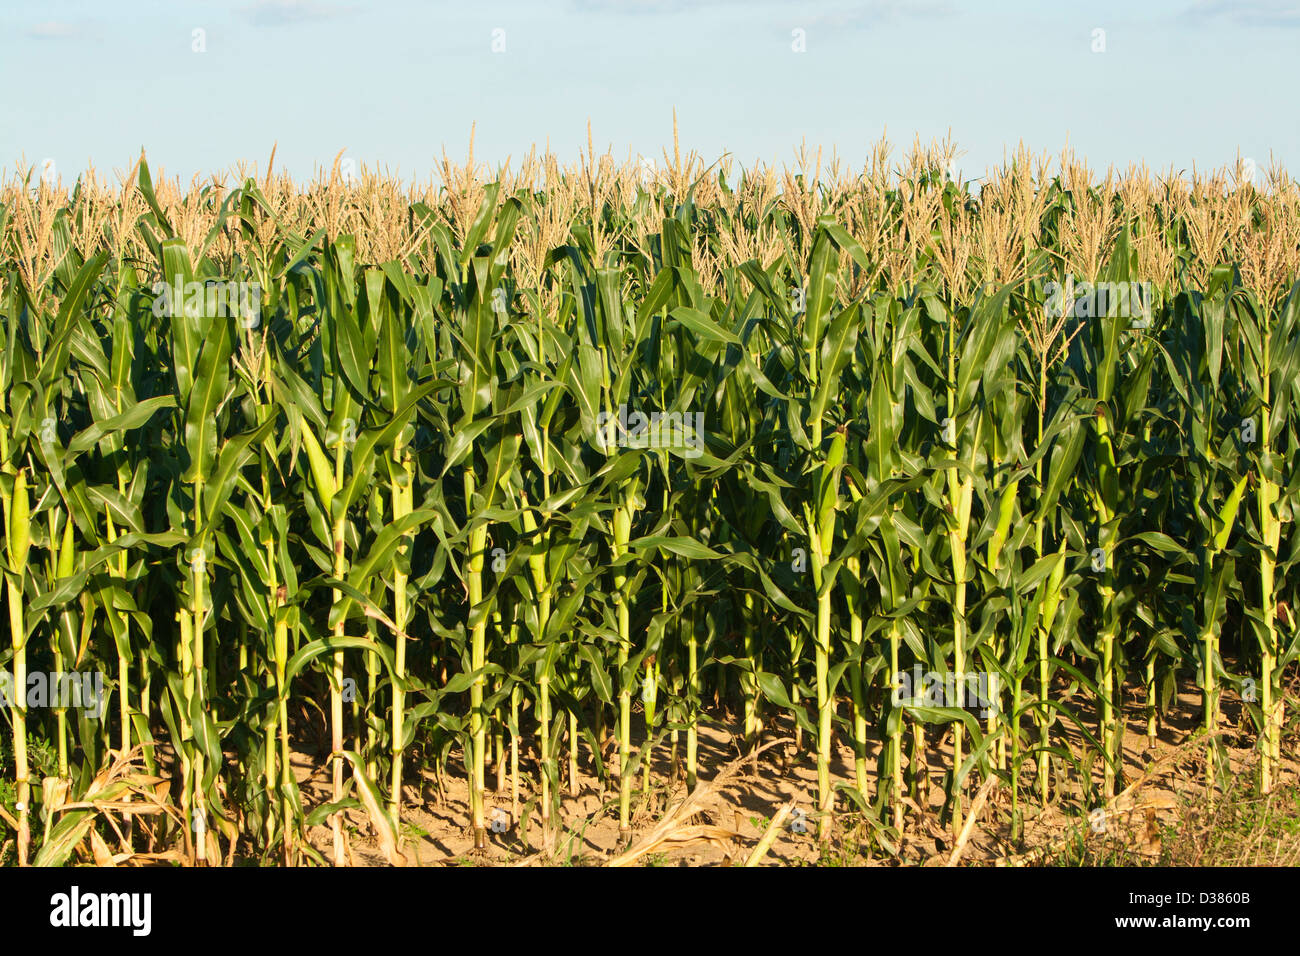 Corn, Maize (Zea mays) - Stock Image